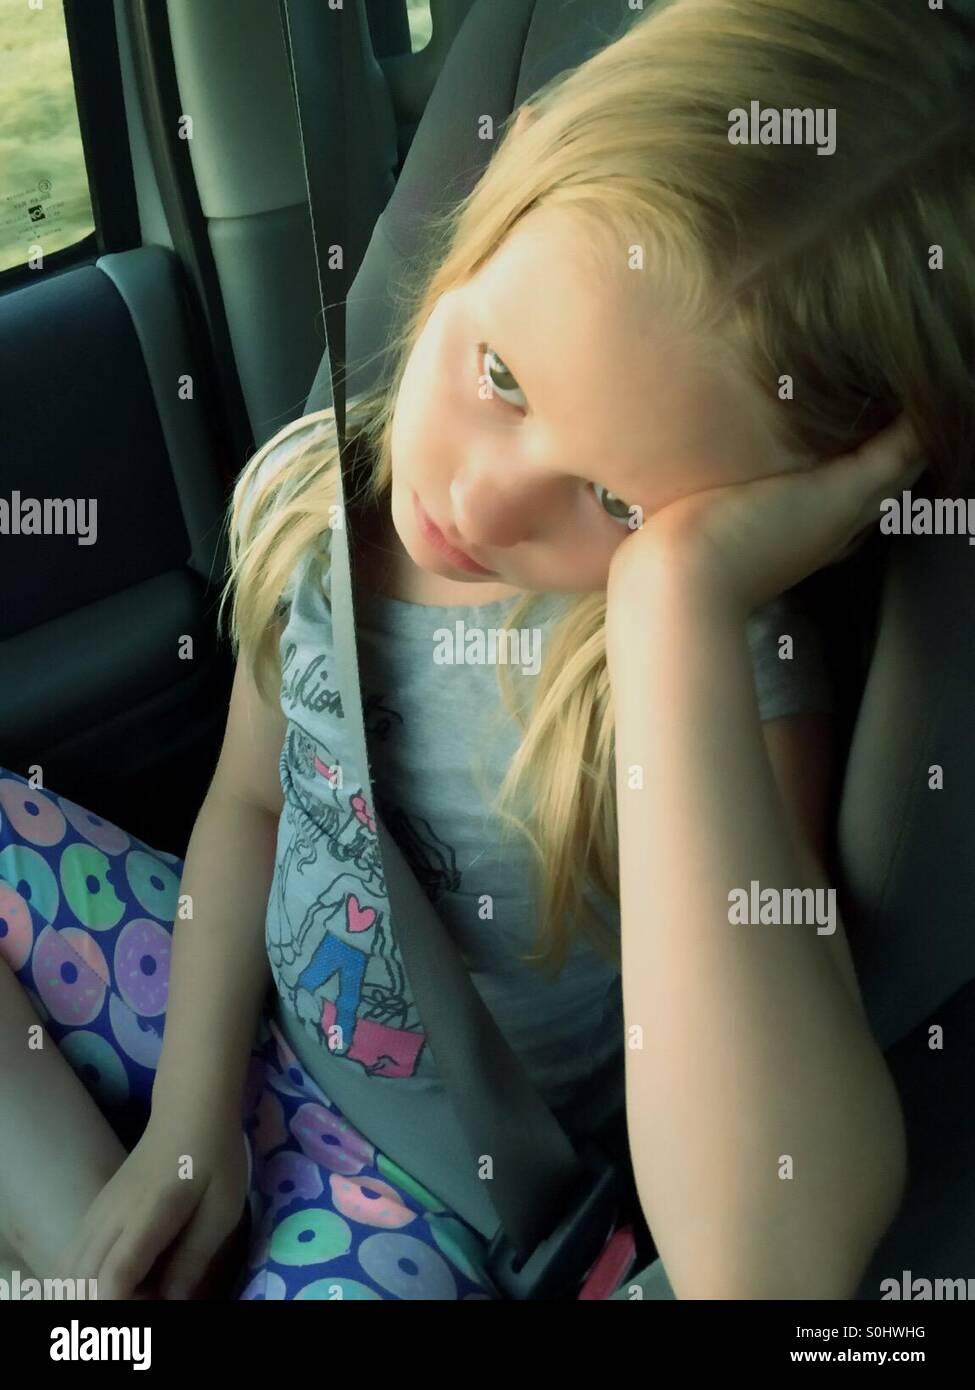 Gelangweilt und müde Mädchen in einem Auto sitzen Stockbild